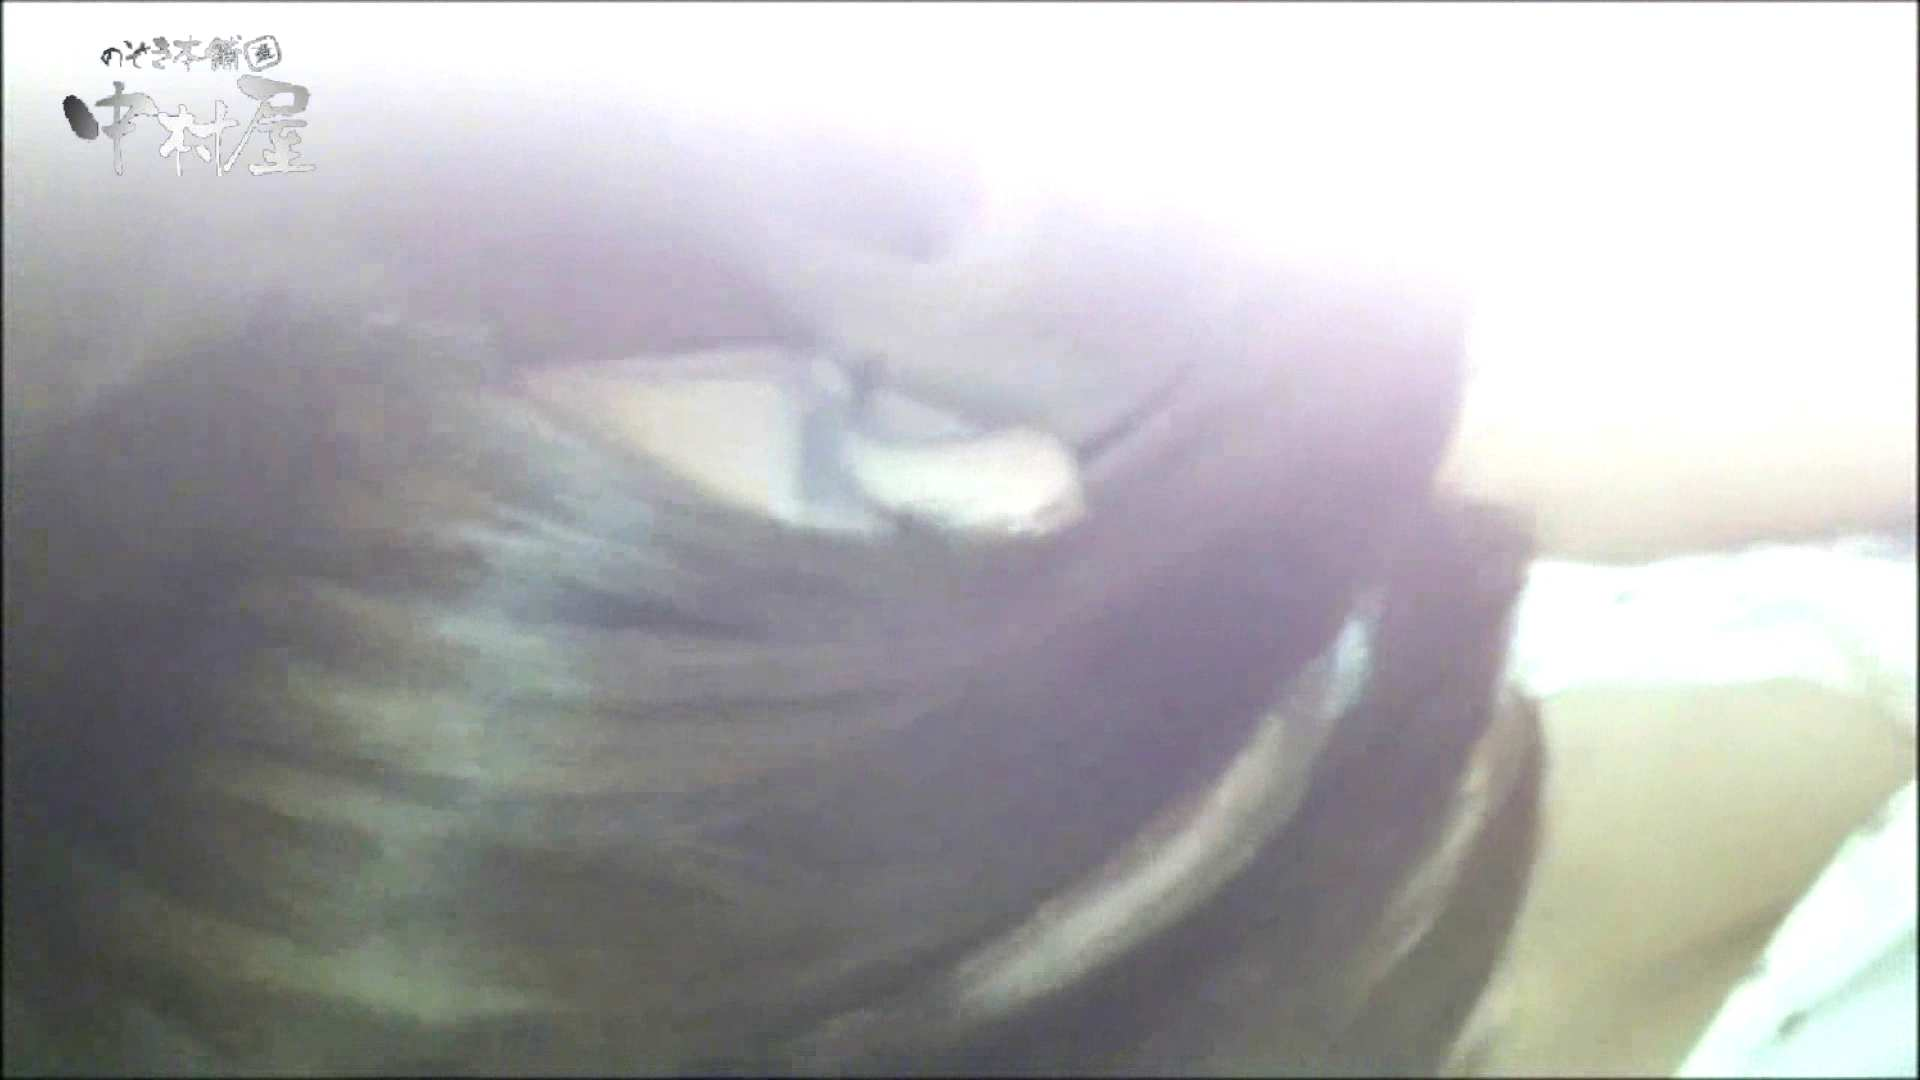 欲望 リアルドール Vol.03 OLセックス のぞきおめこ無修正画像 70画像 18